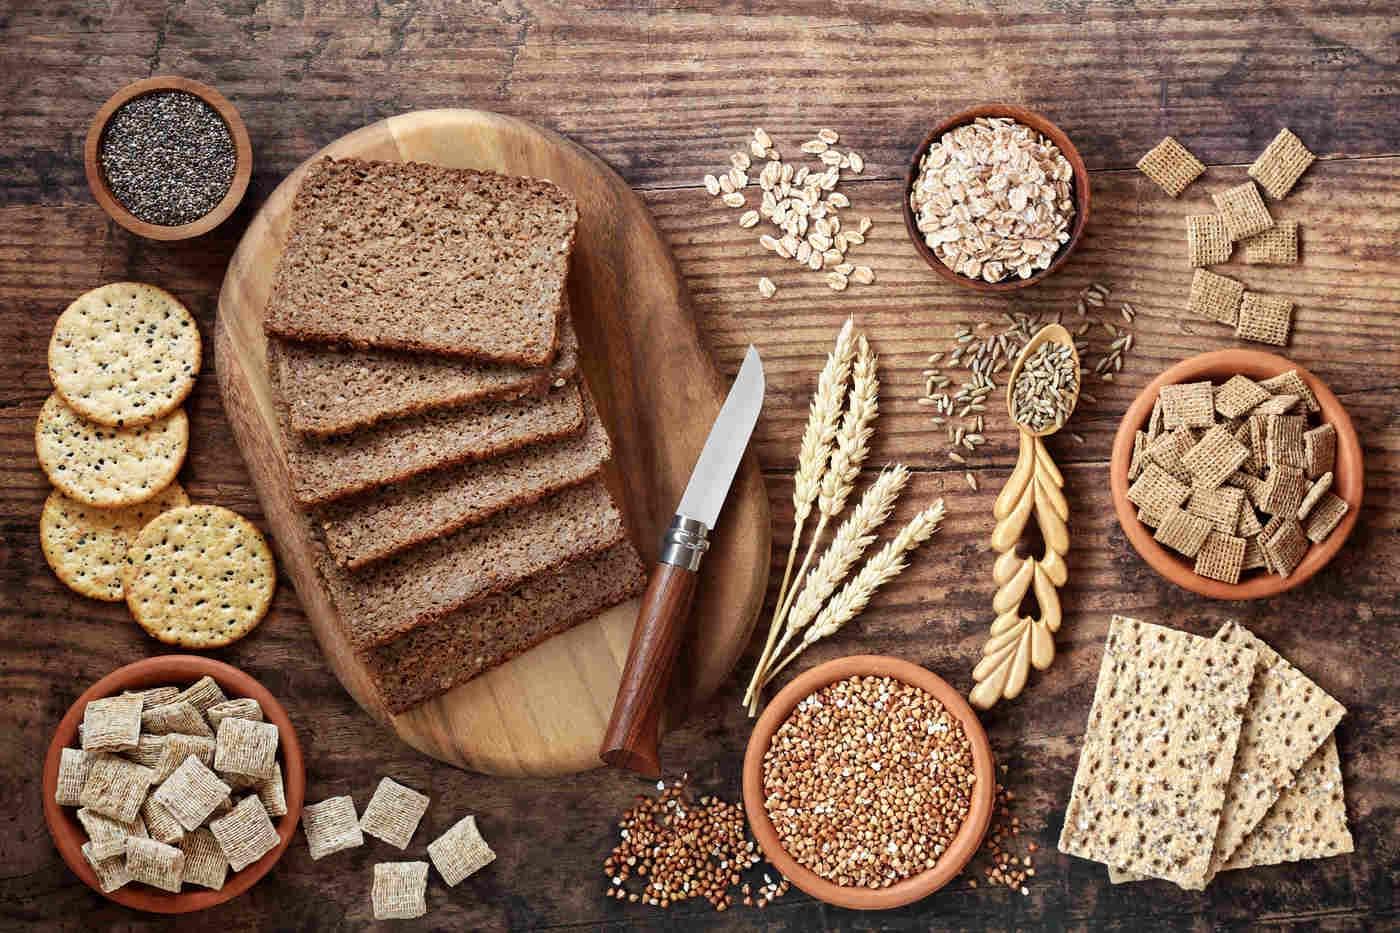 Totul despre boala celiacă sau intoleranța la gluten - cauze, simptome, tratament